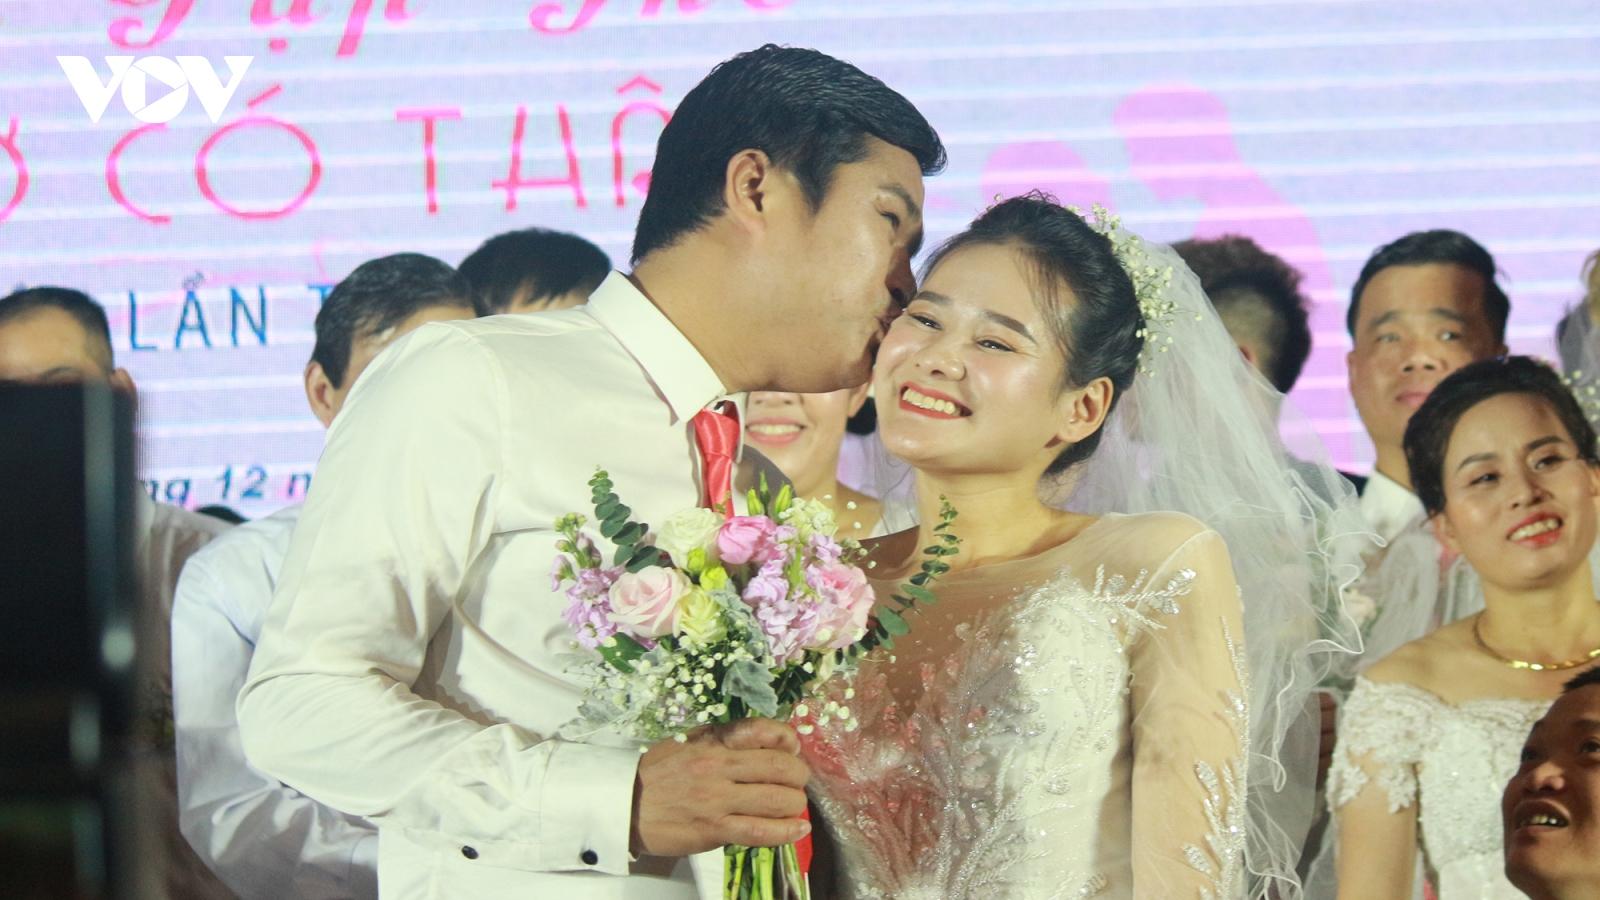 Xúc động lễ cưới tập thể của 46 cặp đôi khiếm khuyết tại Hà Nội